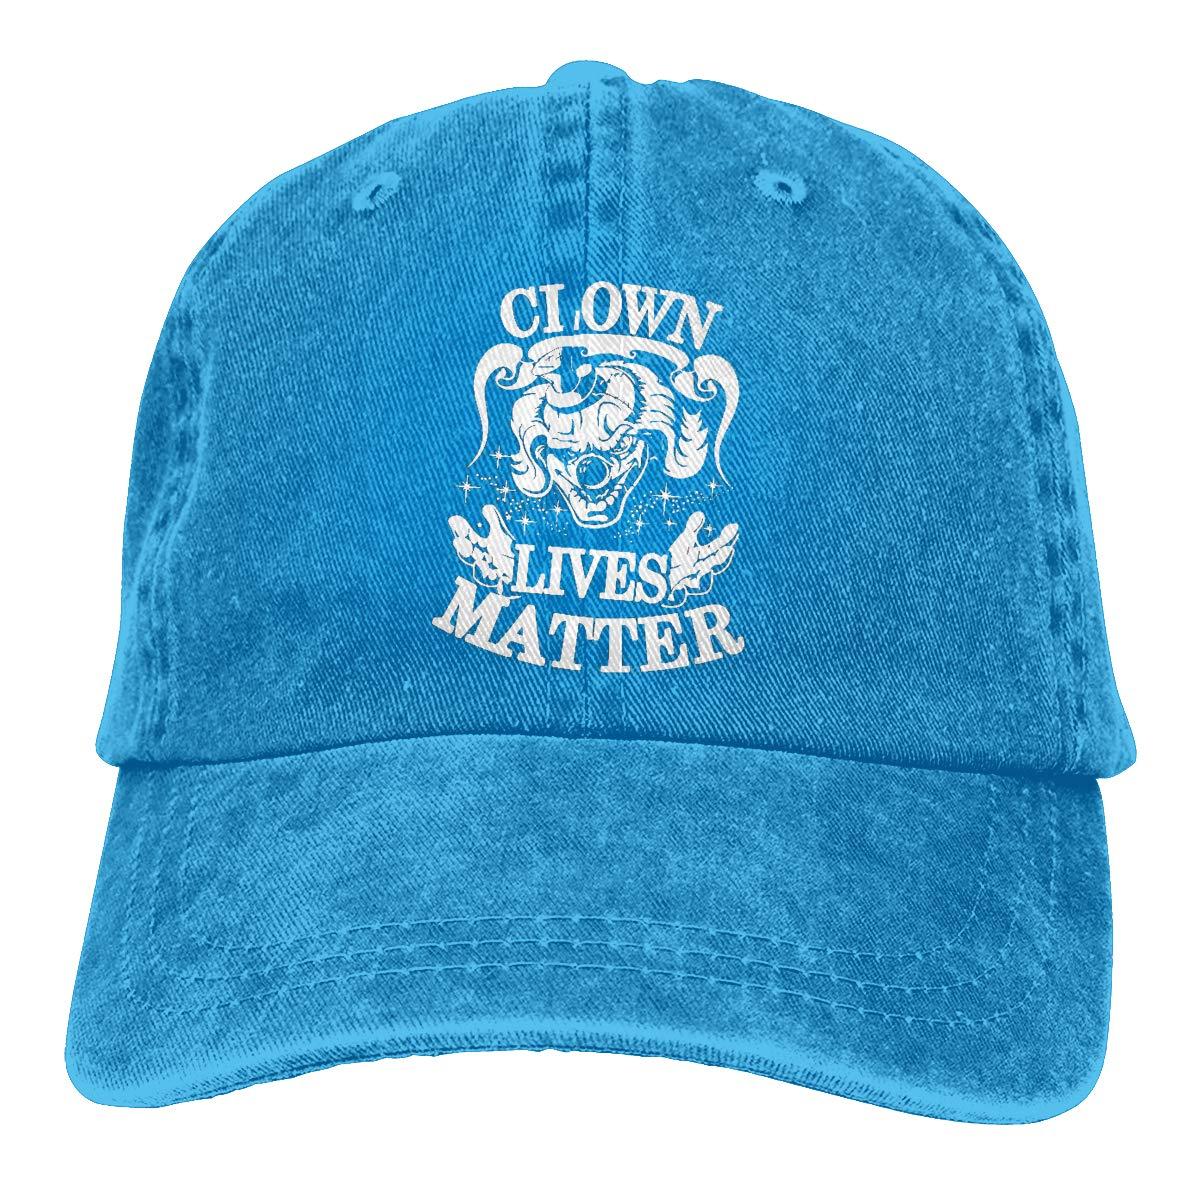 Feeling Unique Clown Vintage Jeans Baseball Cap Classic Cotton Dad Hat Adjustable Plain Cap Black